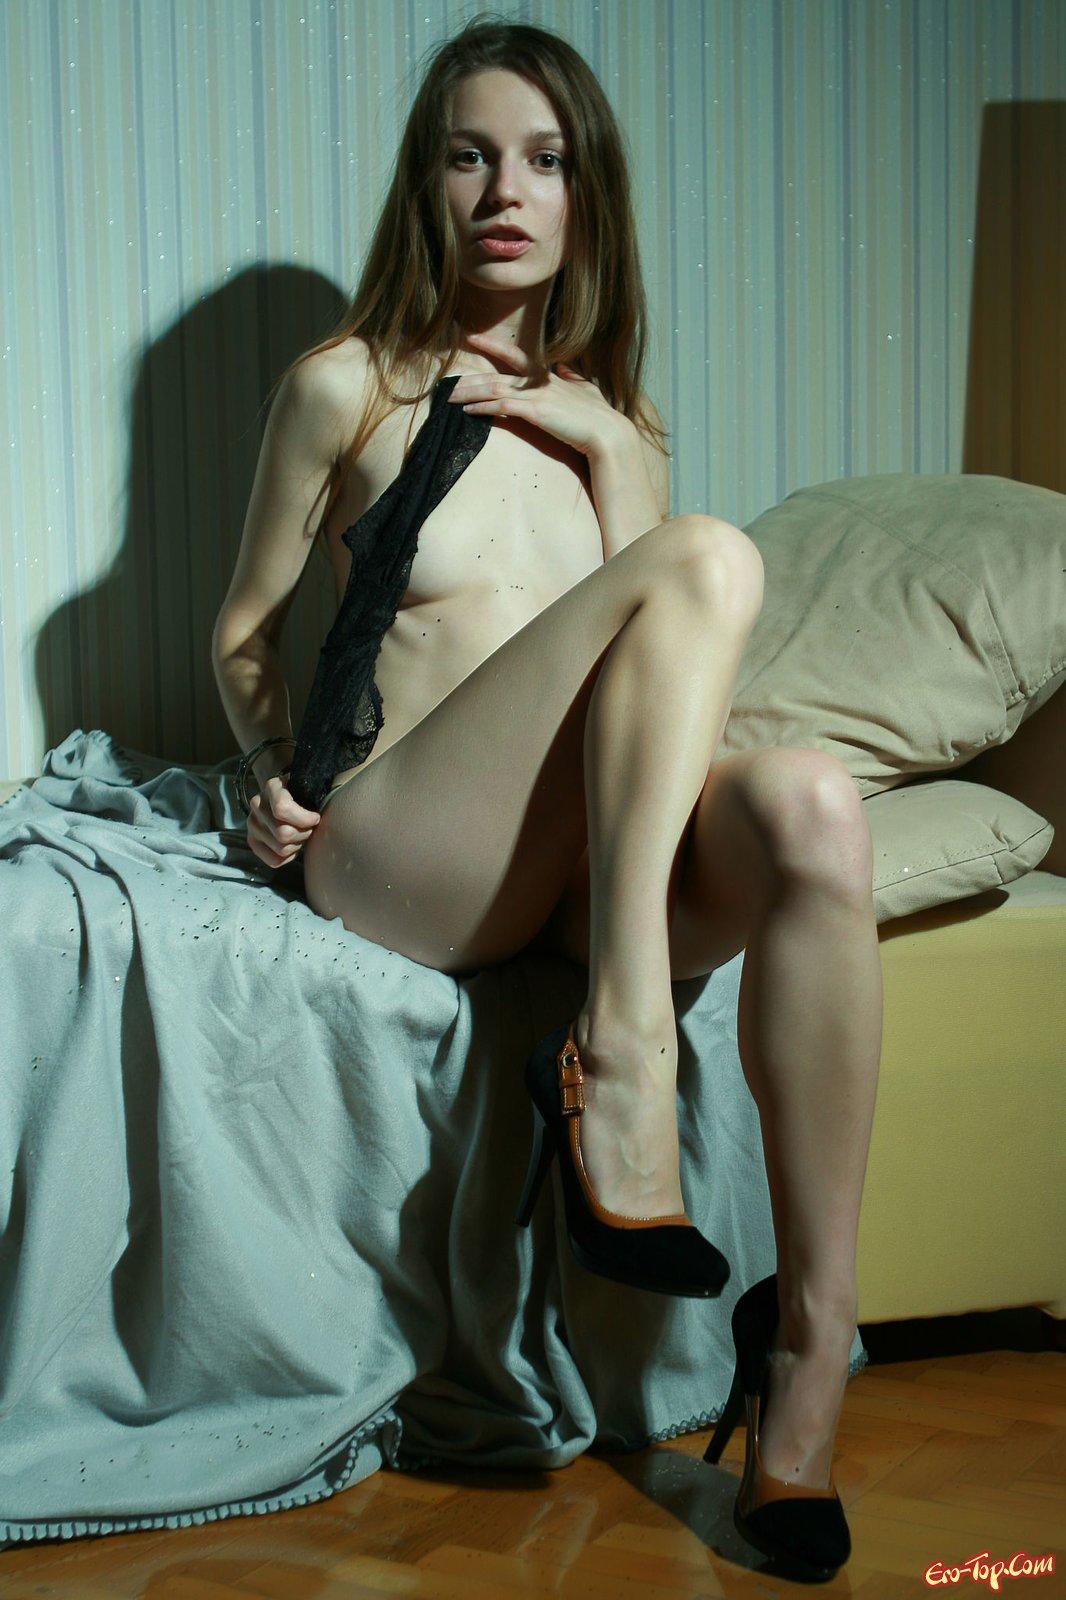 Натуральная красота голой телки секс фото